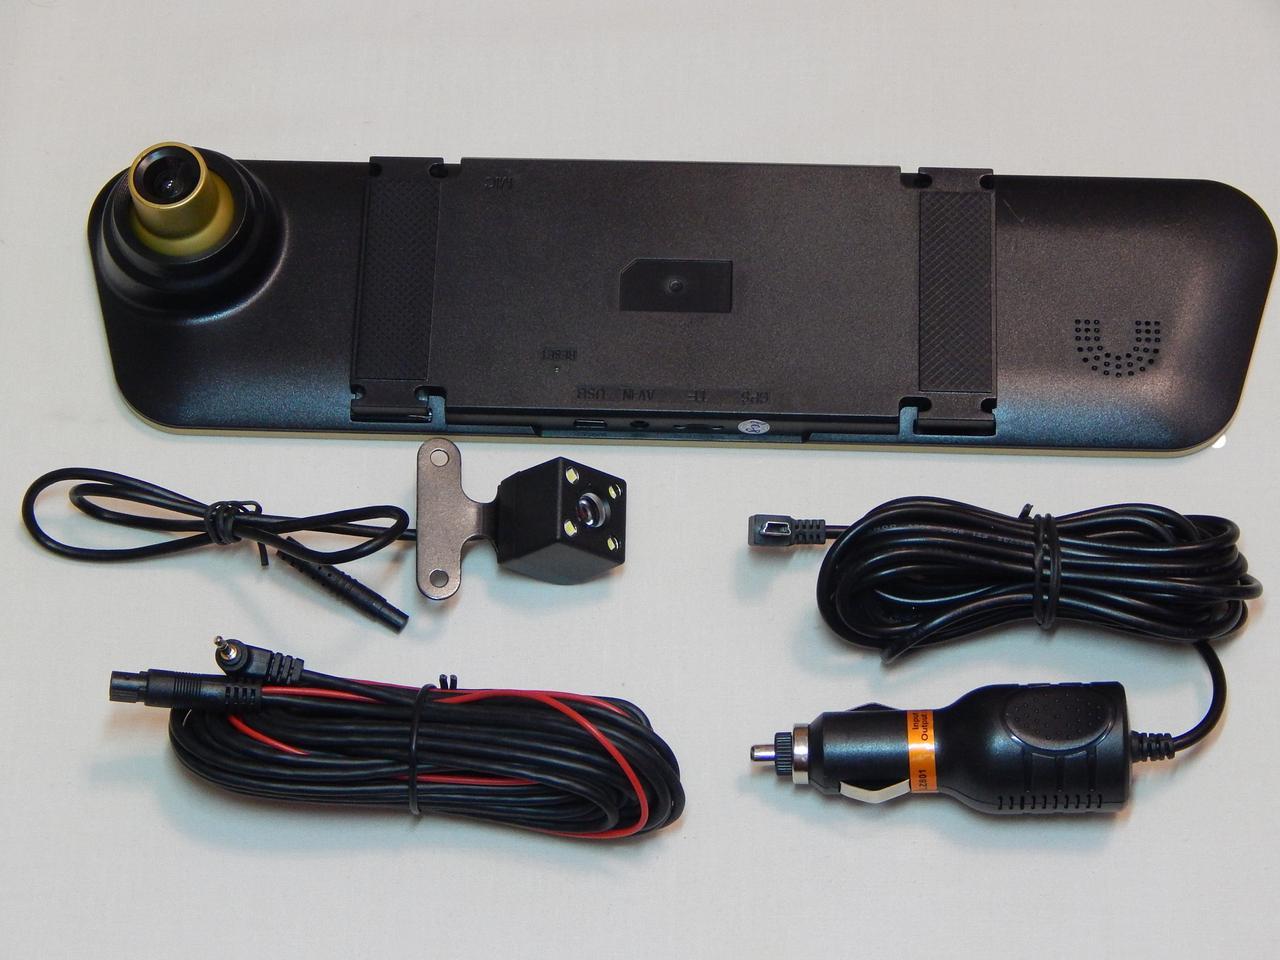 Дзеркало-відеореєстратор ZIRY 4.3 TFT подвійна камера + картка пам'яті 16 Gb